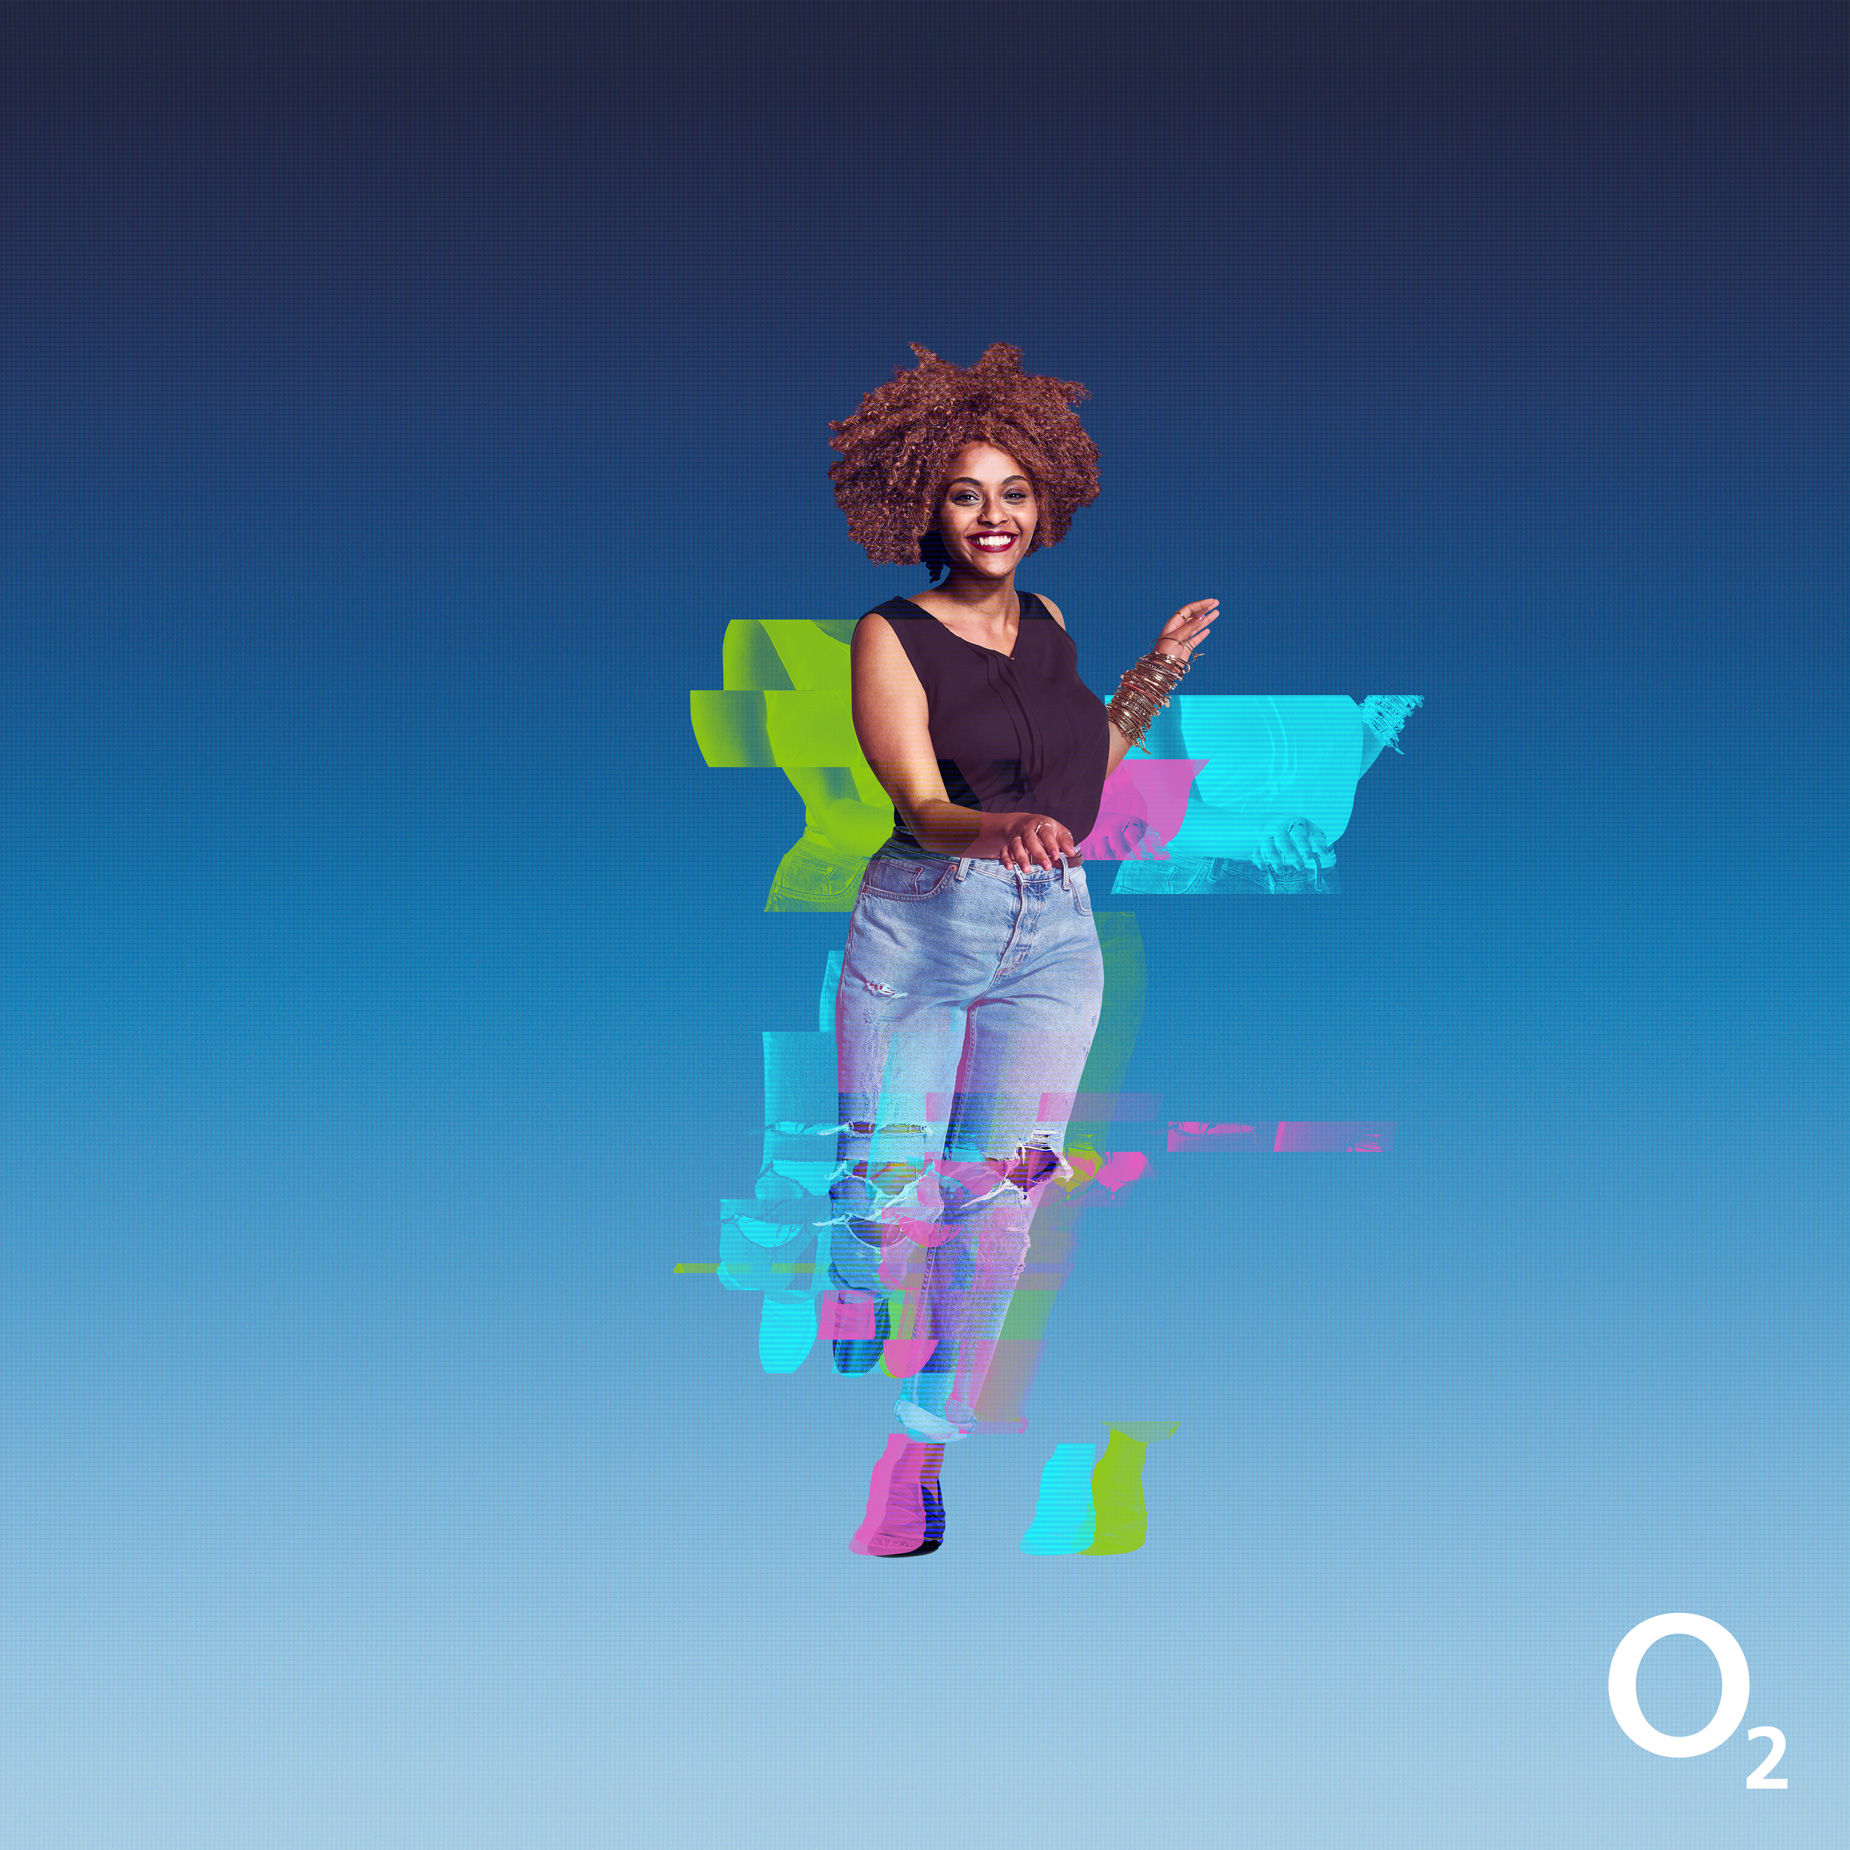 O2-Go-Think-Big-Bethel-Tadesse-4-Small-RGB